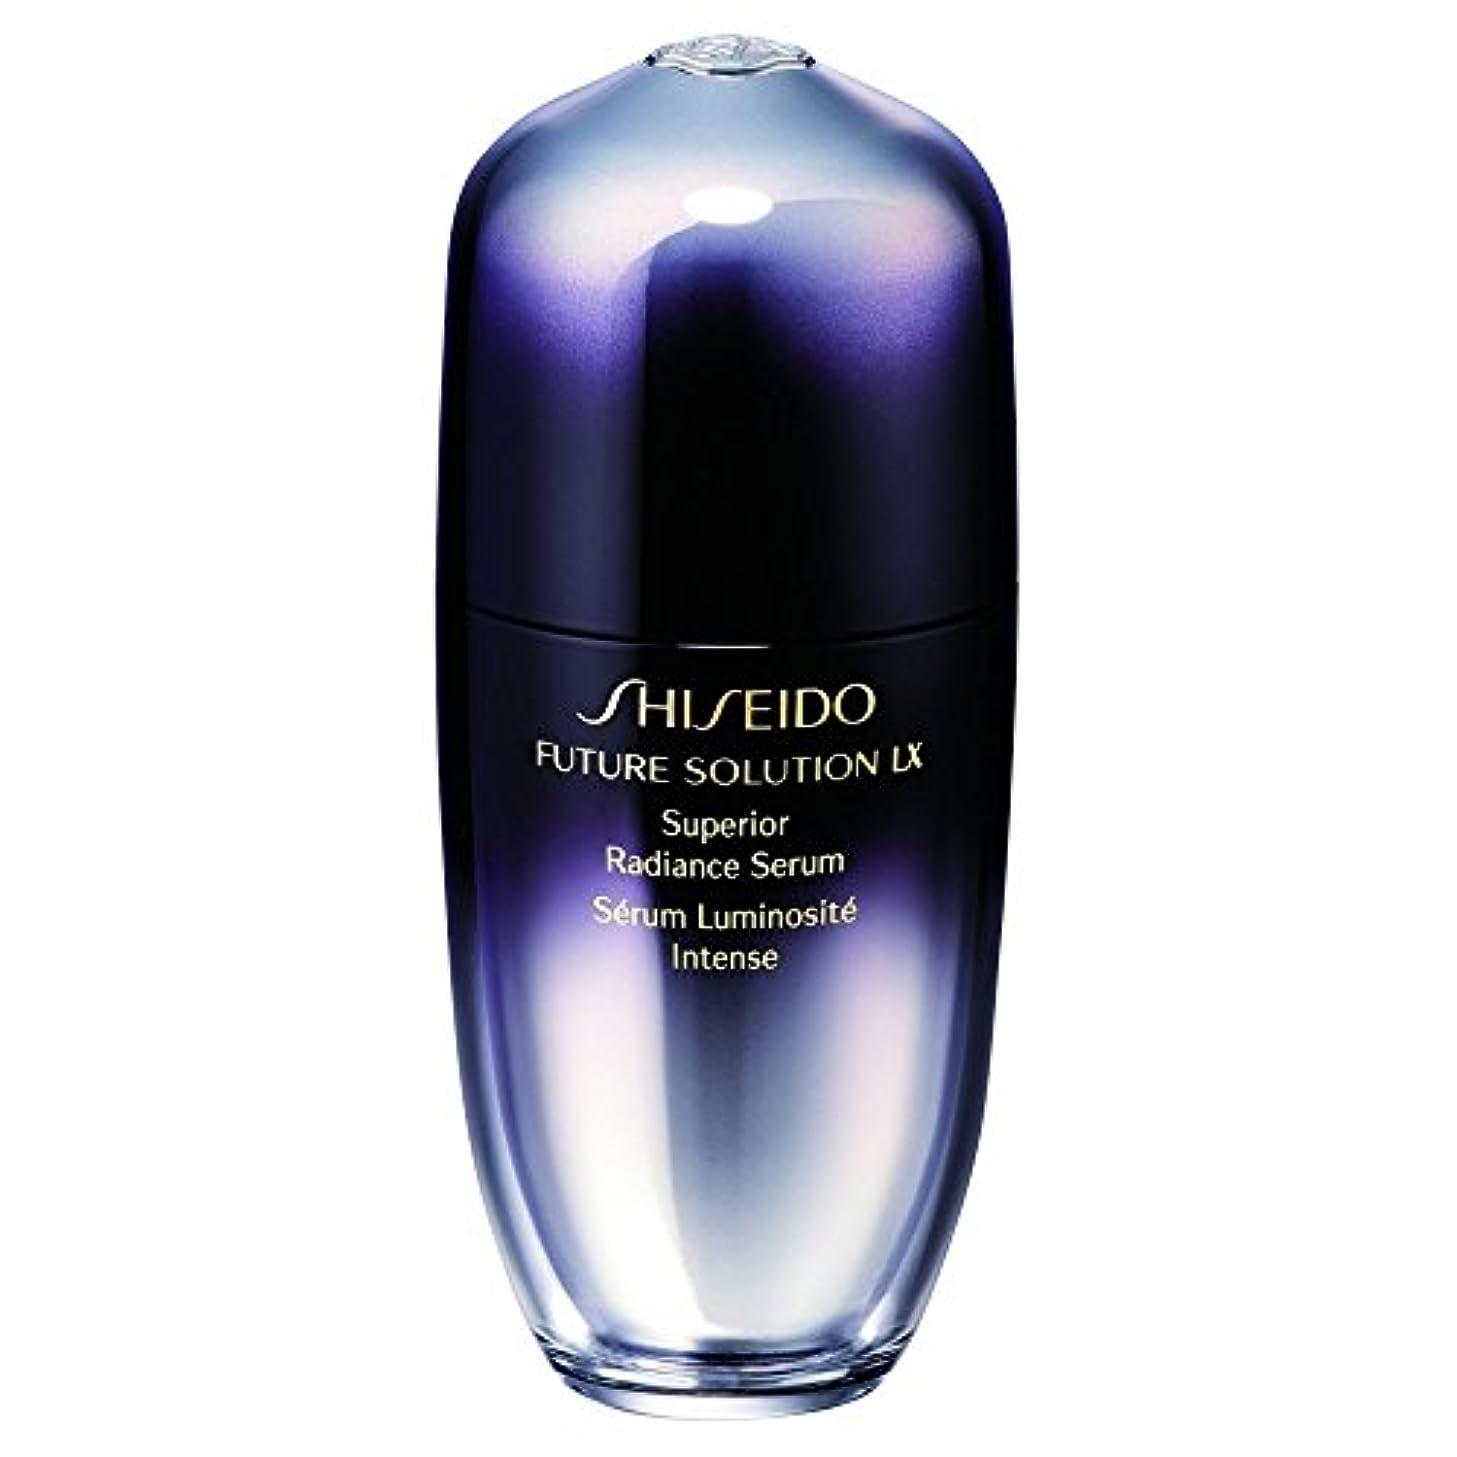 仕事に行くタイトル噴水[Shiseido] 資生堂フューチャーソリューションLx優れた放射輝度セラム30Ml - Shiseido Future Solution Lx Superior Radiance Serum 30ml [並行輸入品]